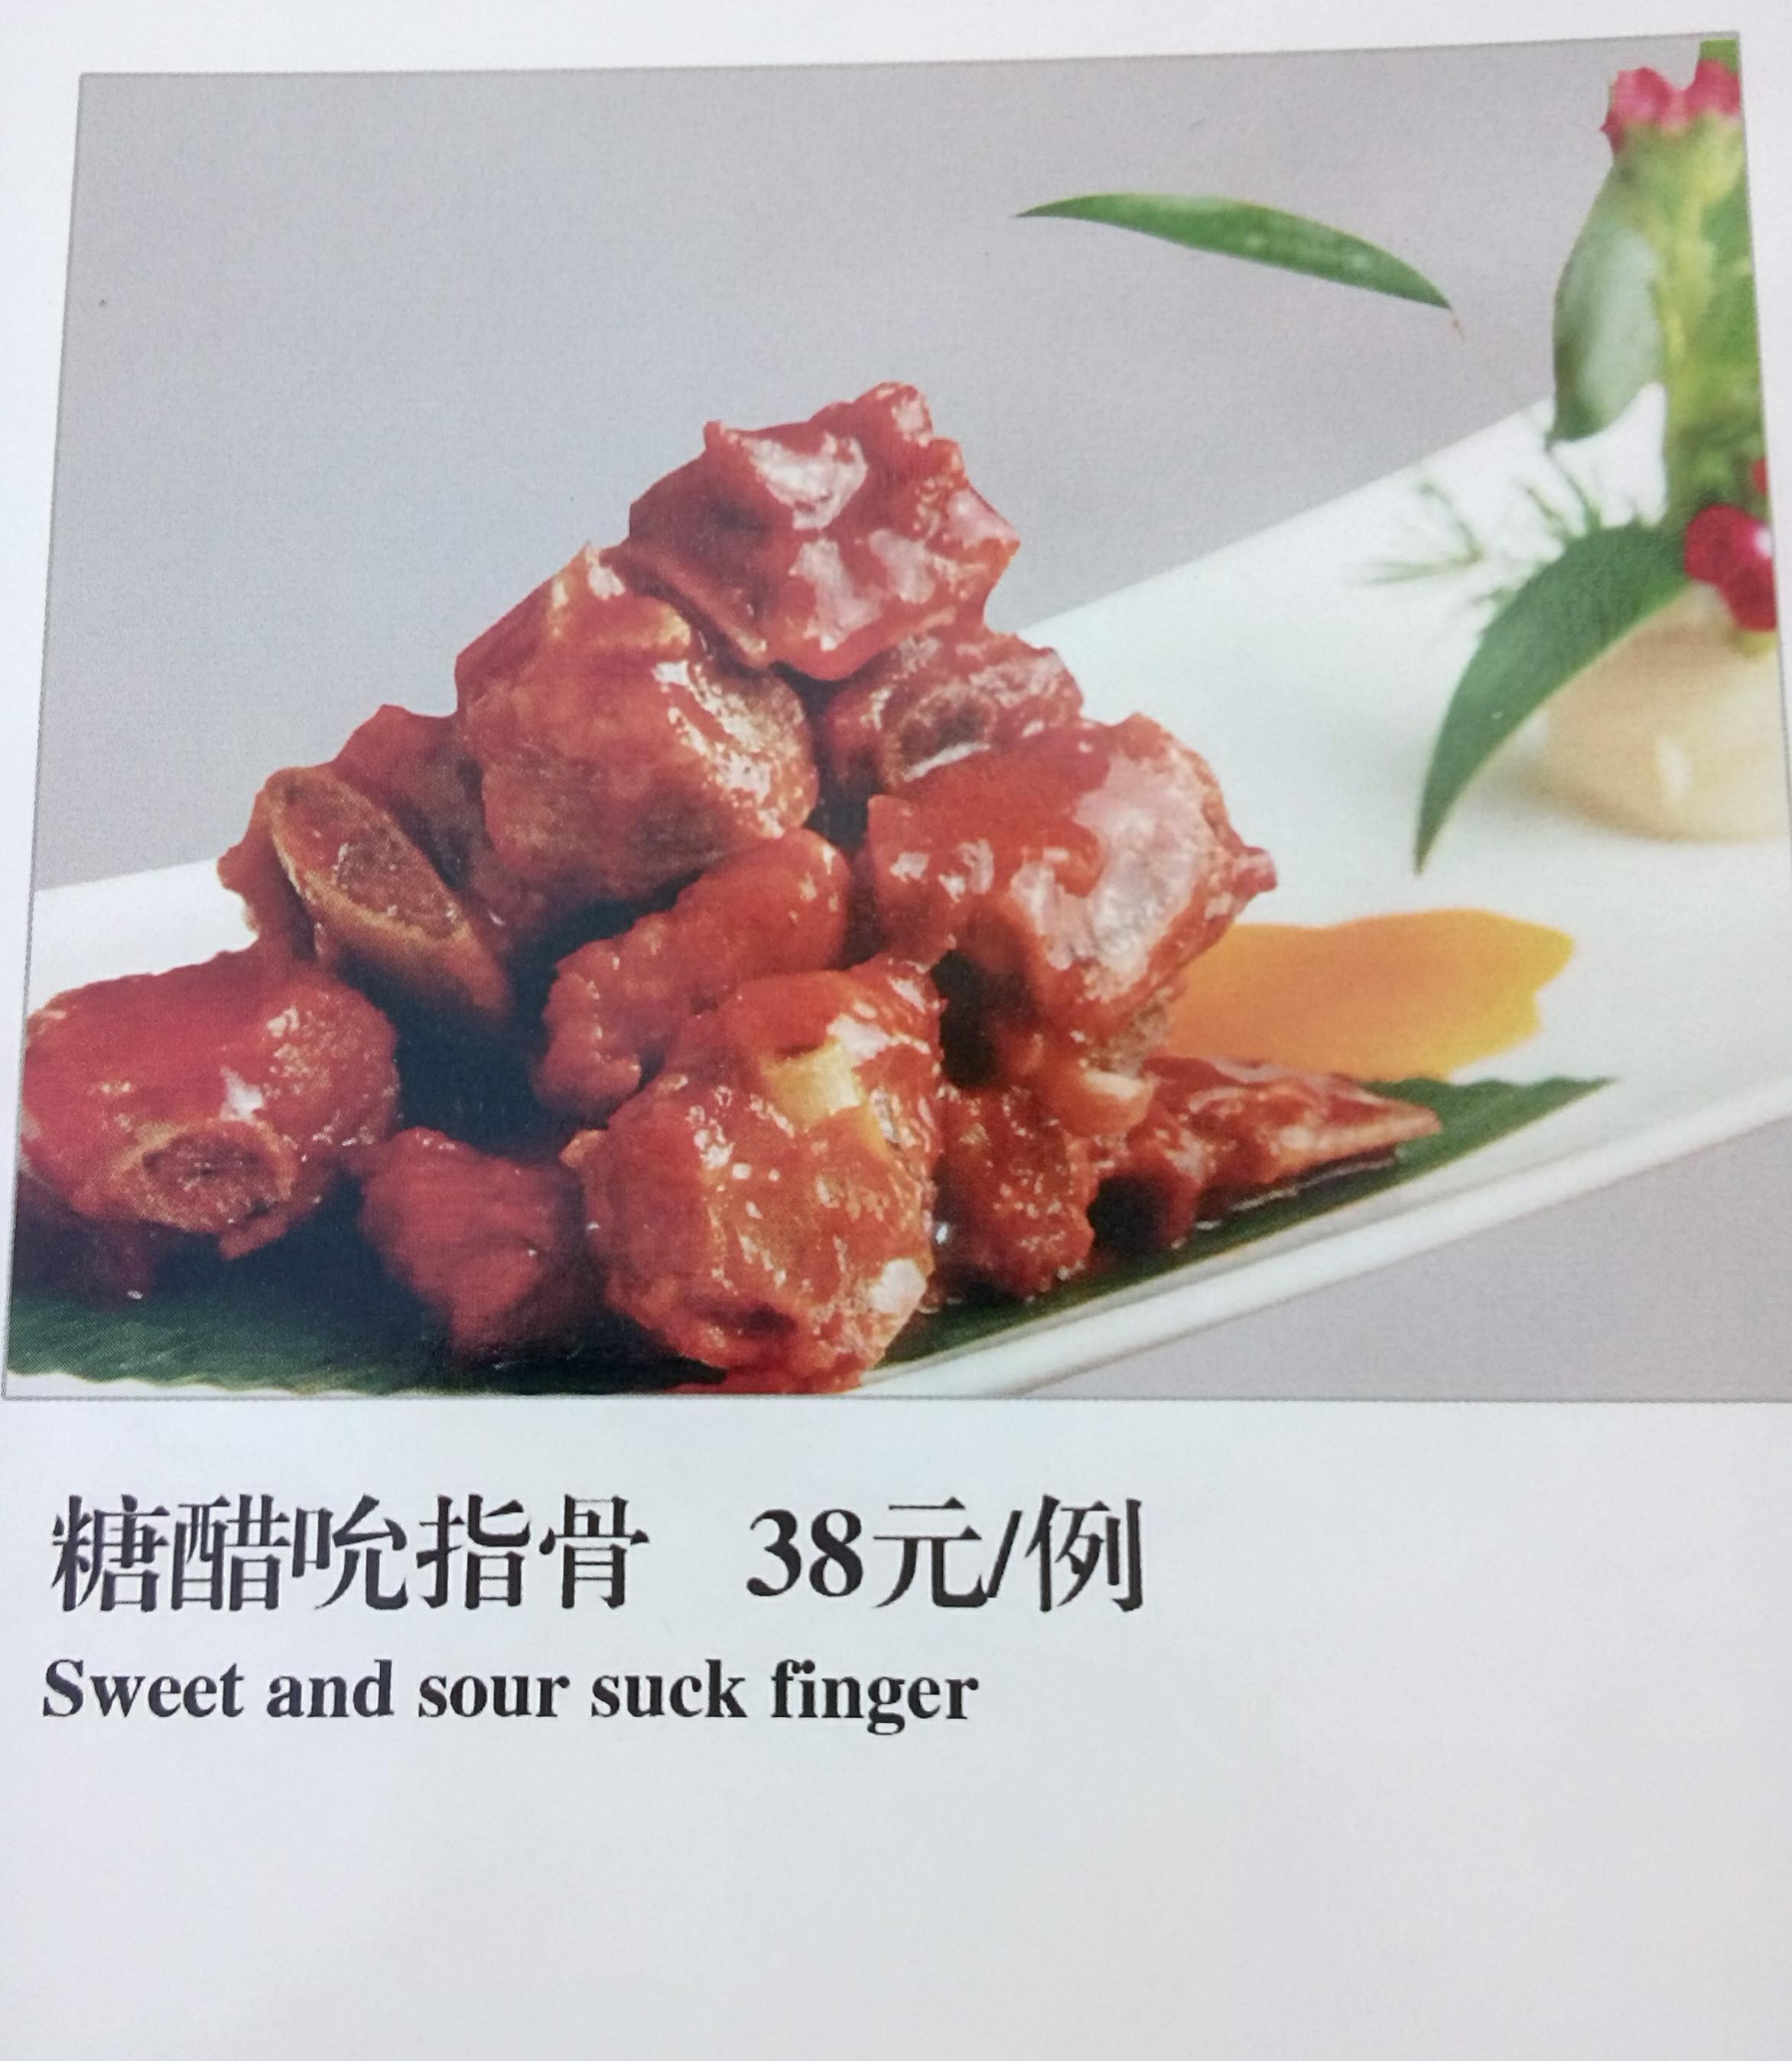 sweet-and-sour-suck-finger-beijing